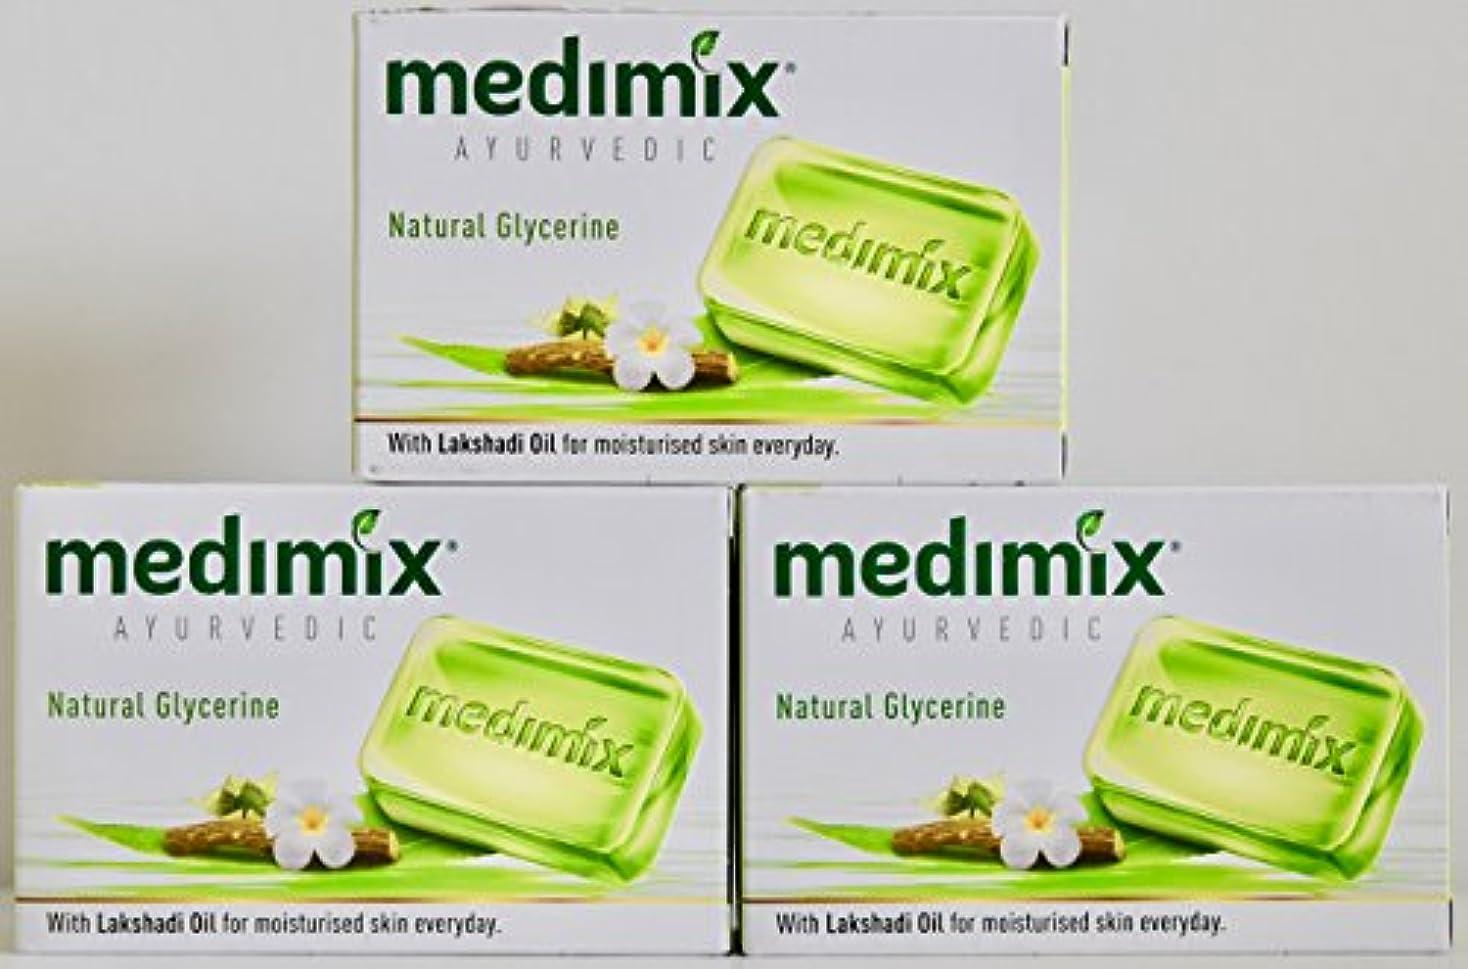 抹消プレーヤー蒸発MEDIMIX メディミックス アーユルヴェディック ナチュラルグリセリン 3個入り  125g